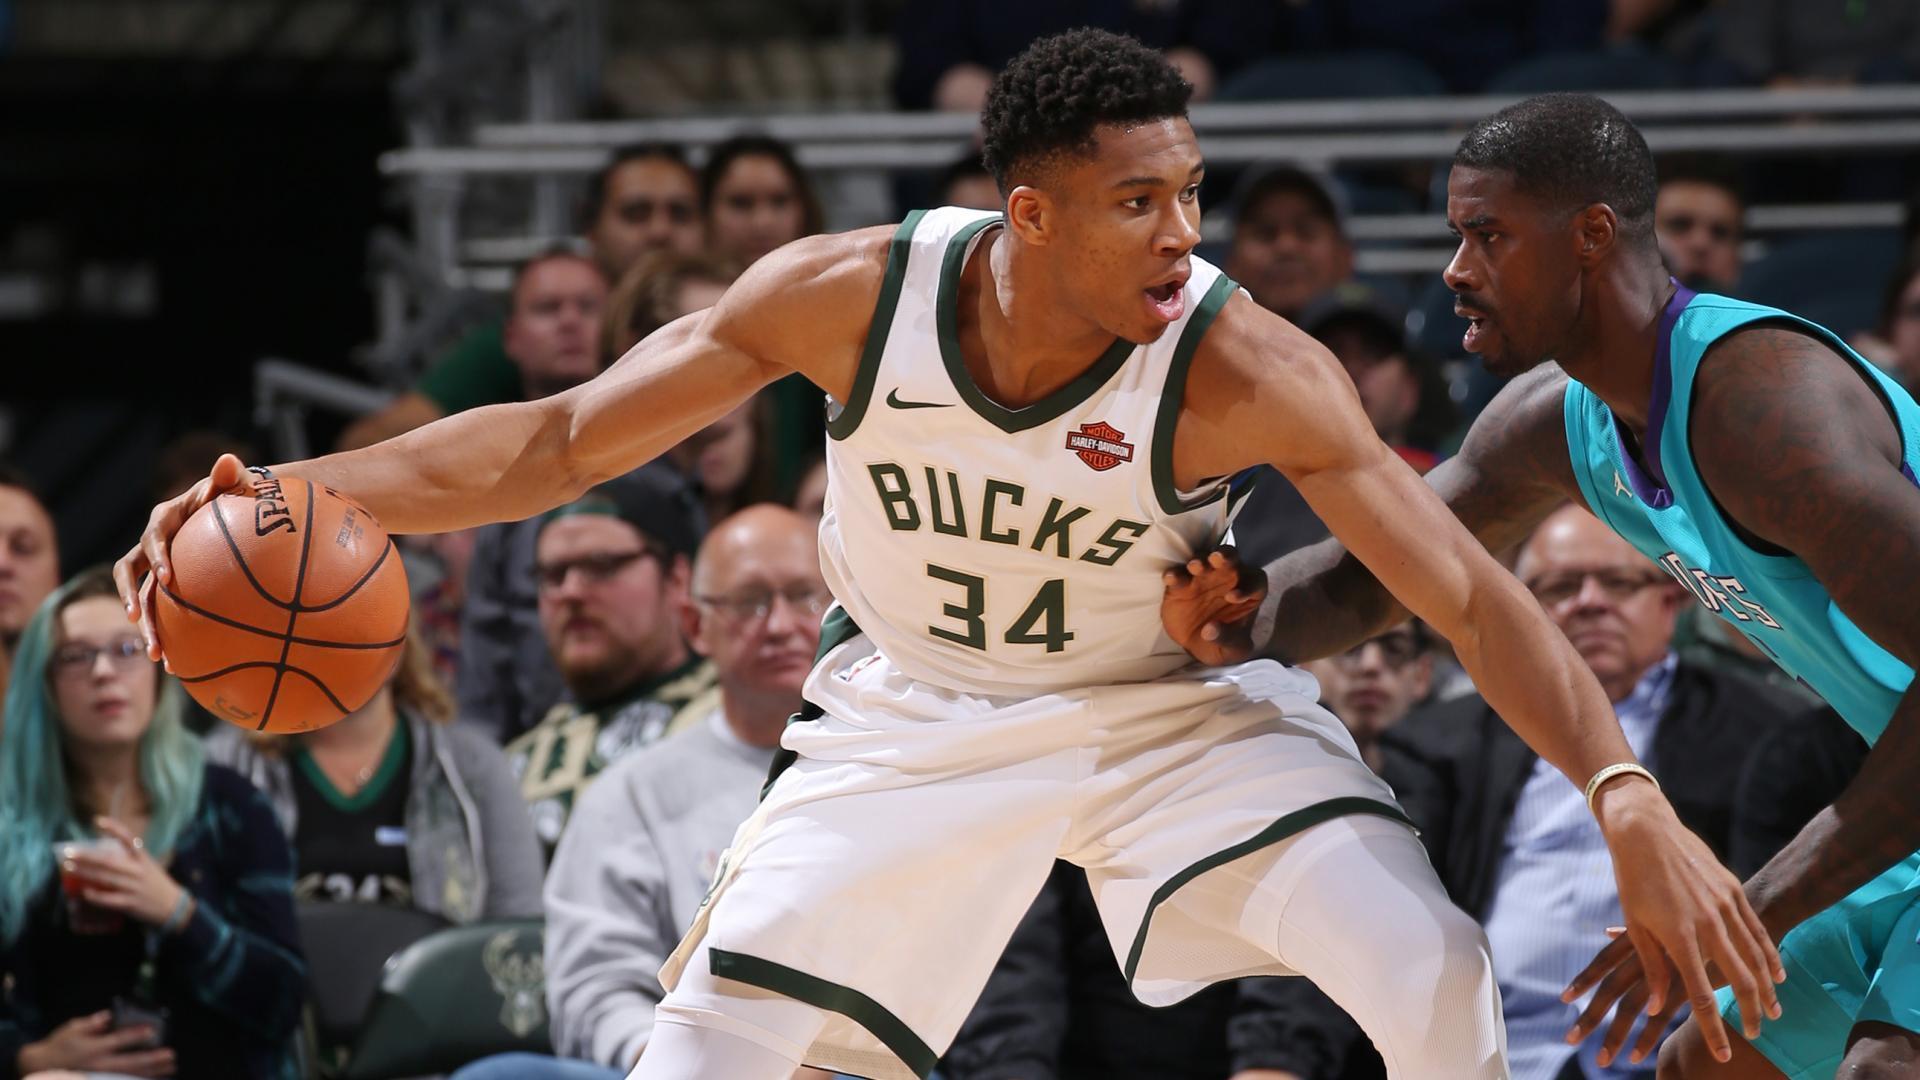 Голден Стэйт — Милуоки. Прогноз на матч 9 ноября 2018. НБА